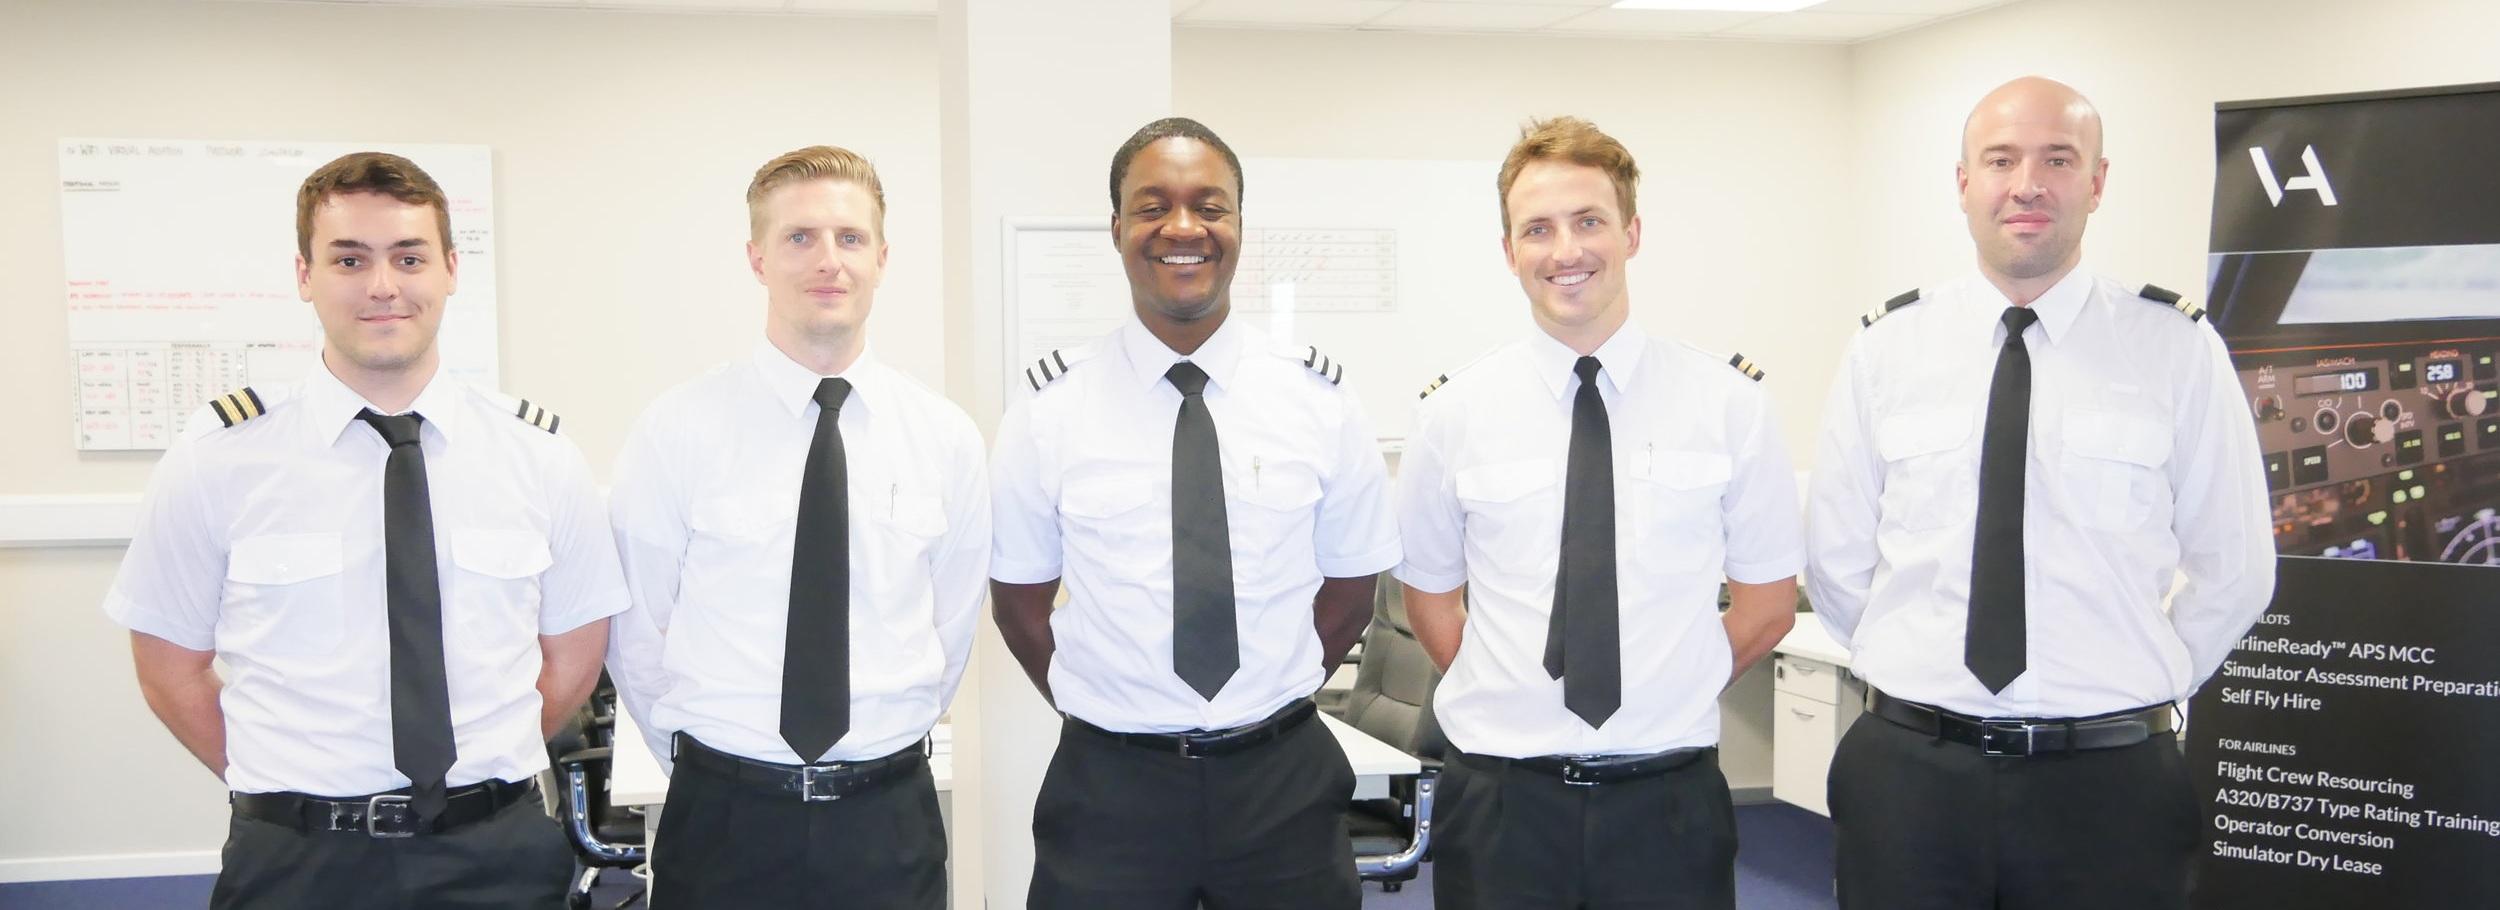 All graduates from Kudzi's APS MCC class, 1814, went on to employment soon after graduating. From left to right - Jesus (Iberia Airways), Raymond (Ryanair), Kudzi (Ryanair), Alex (Ryanair) and Kepa (TAROM).